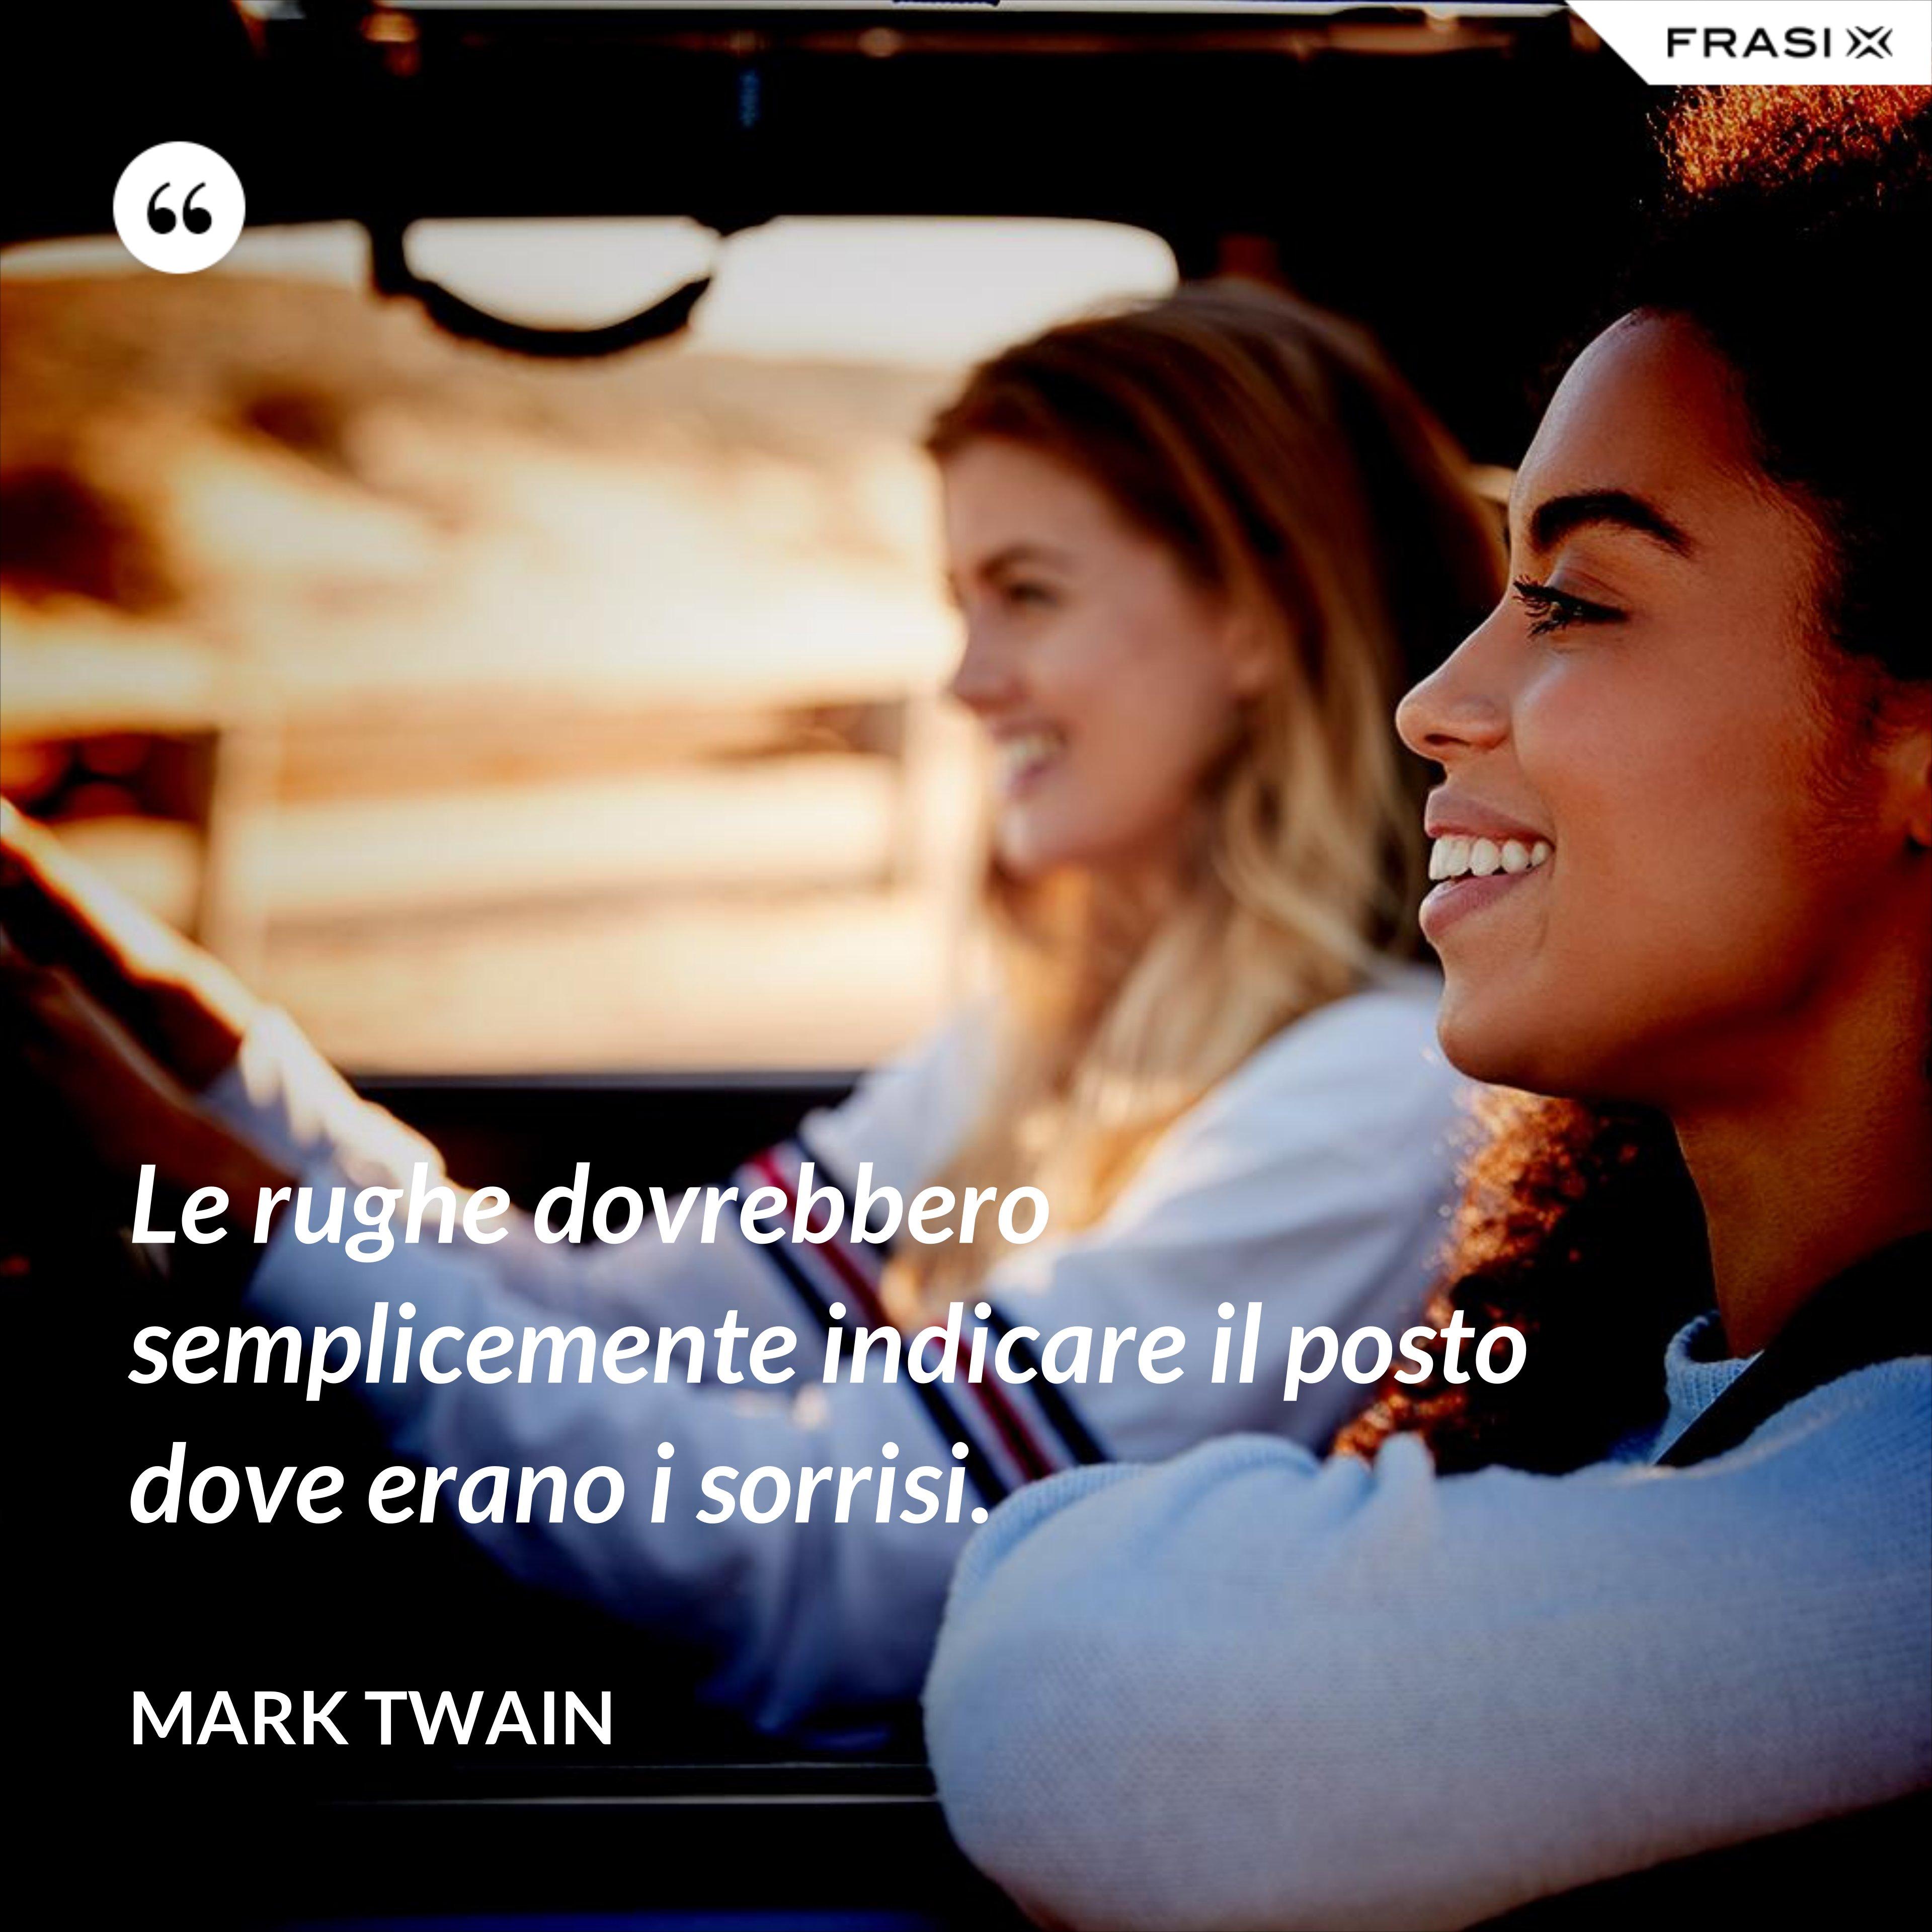 Le rughe dovrebbero semplicemente indicare il posto dove erano i sorrisi. - Mark Twain